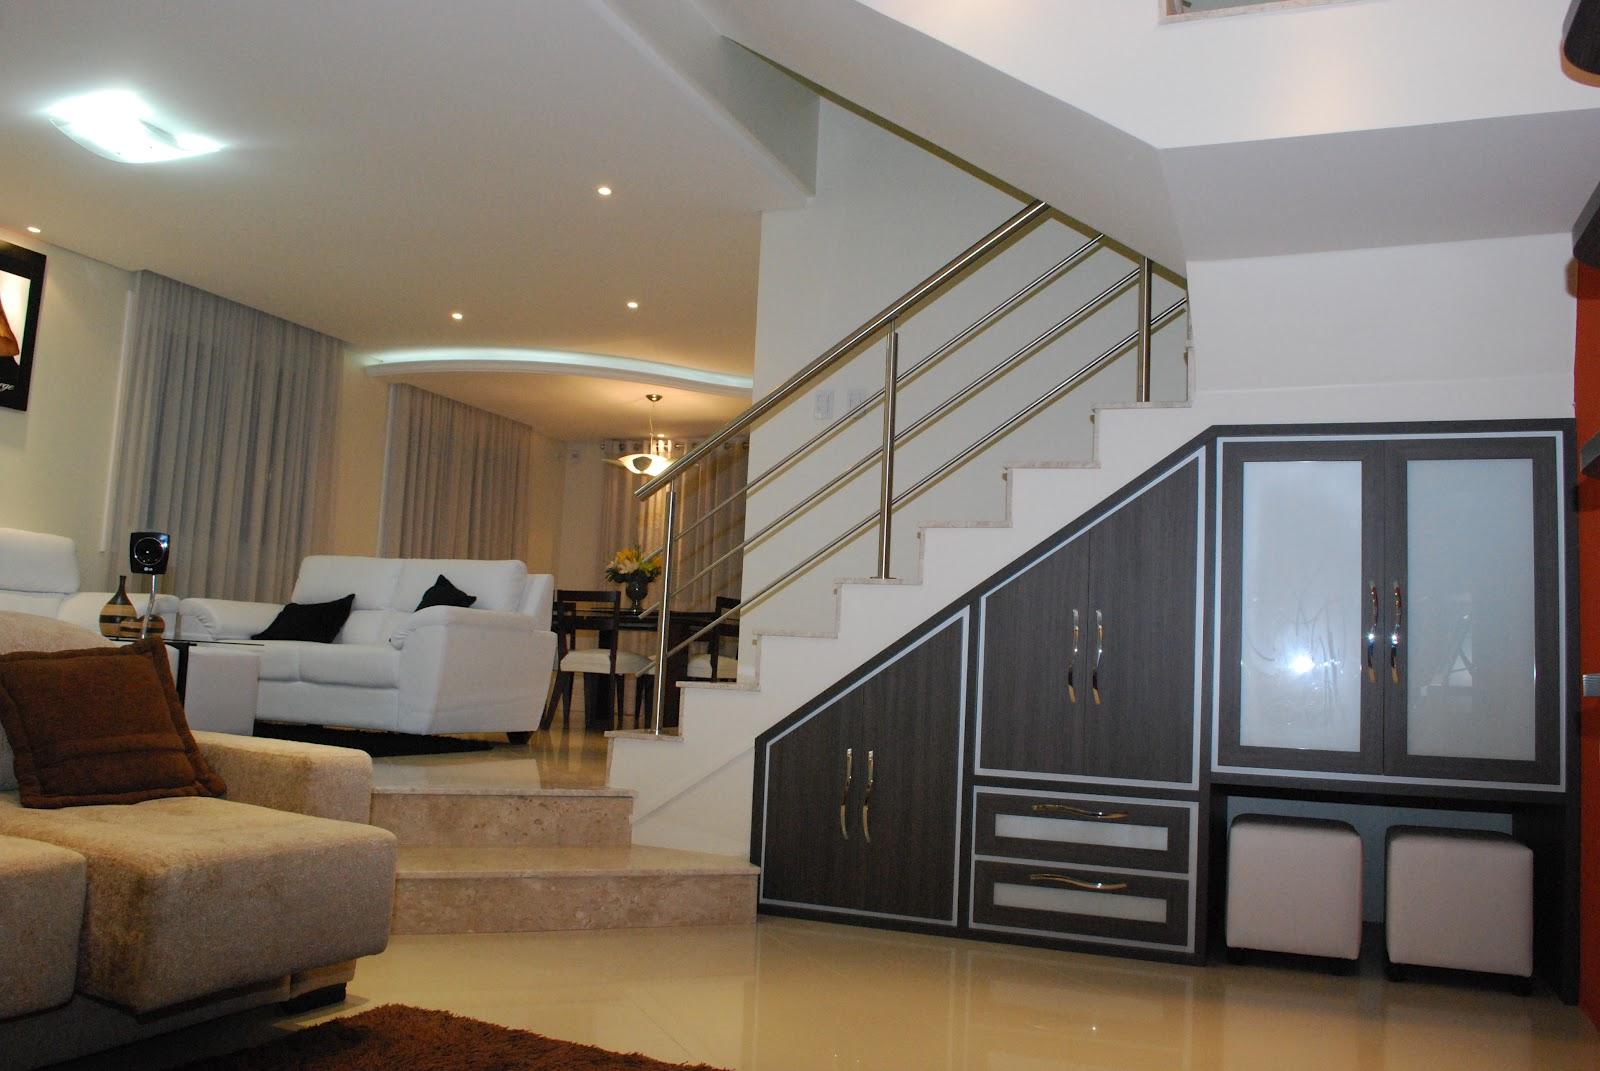 de todos os ambientes integrados sala de jantar sala de estar e sala #634934 1600 1071